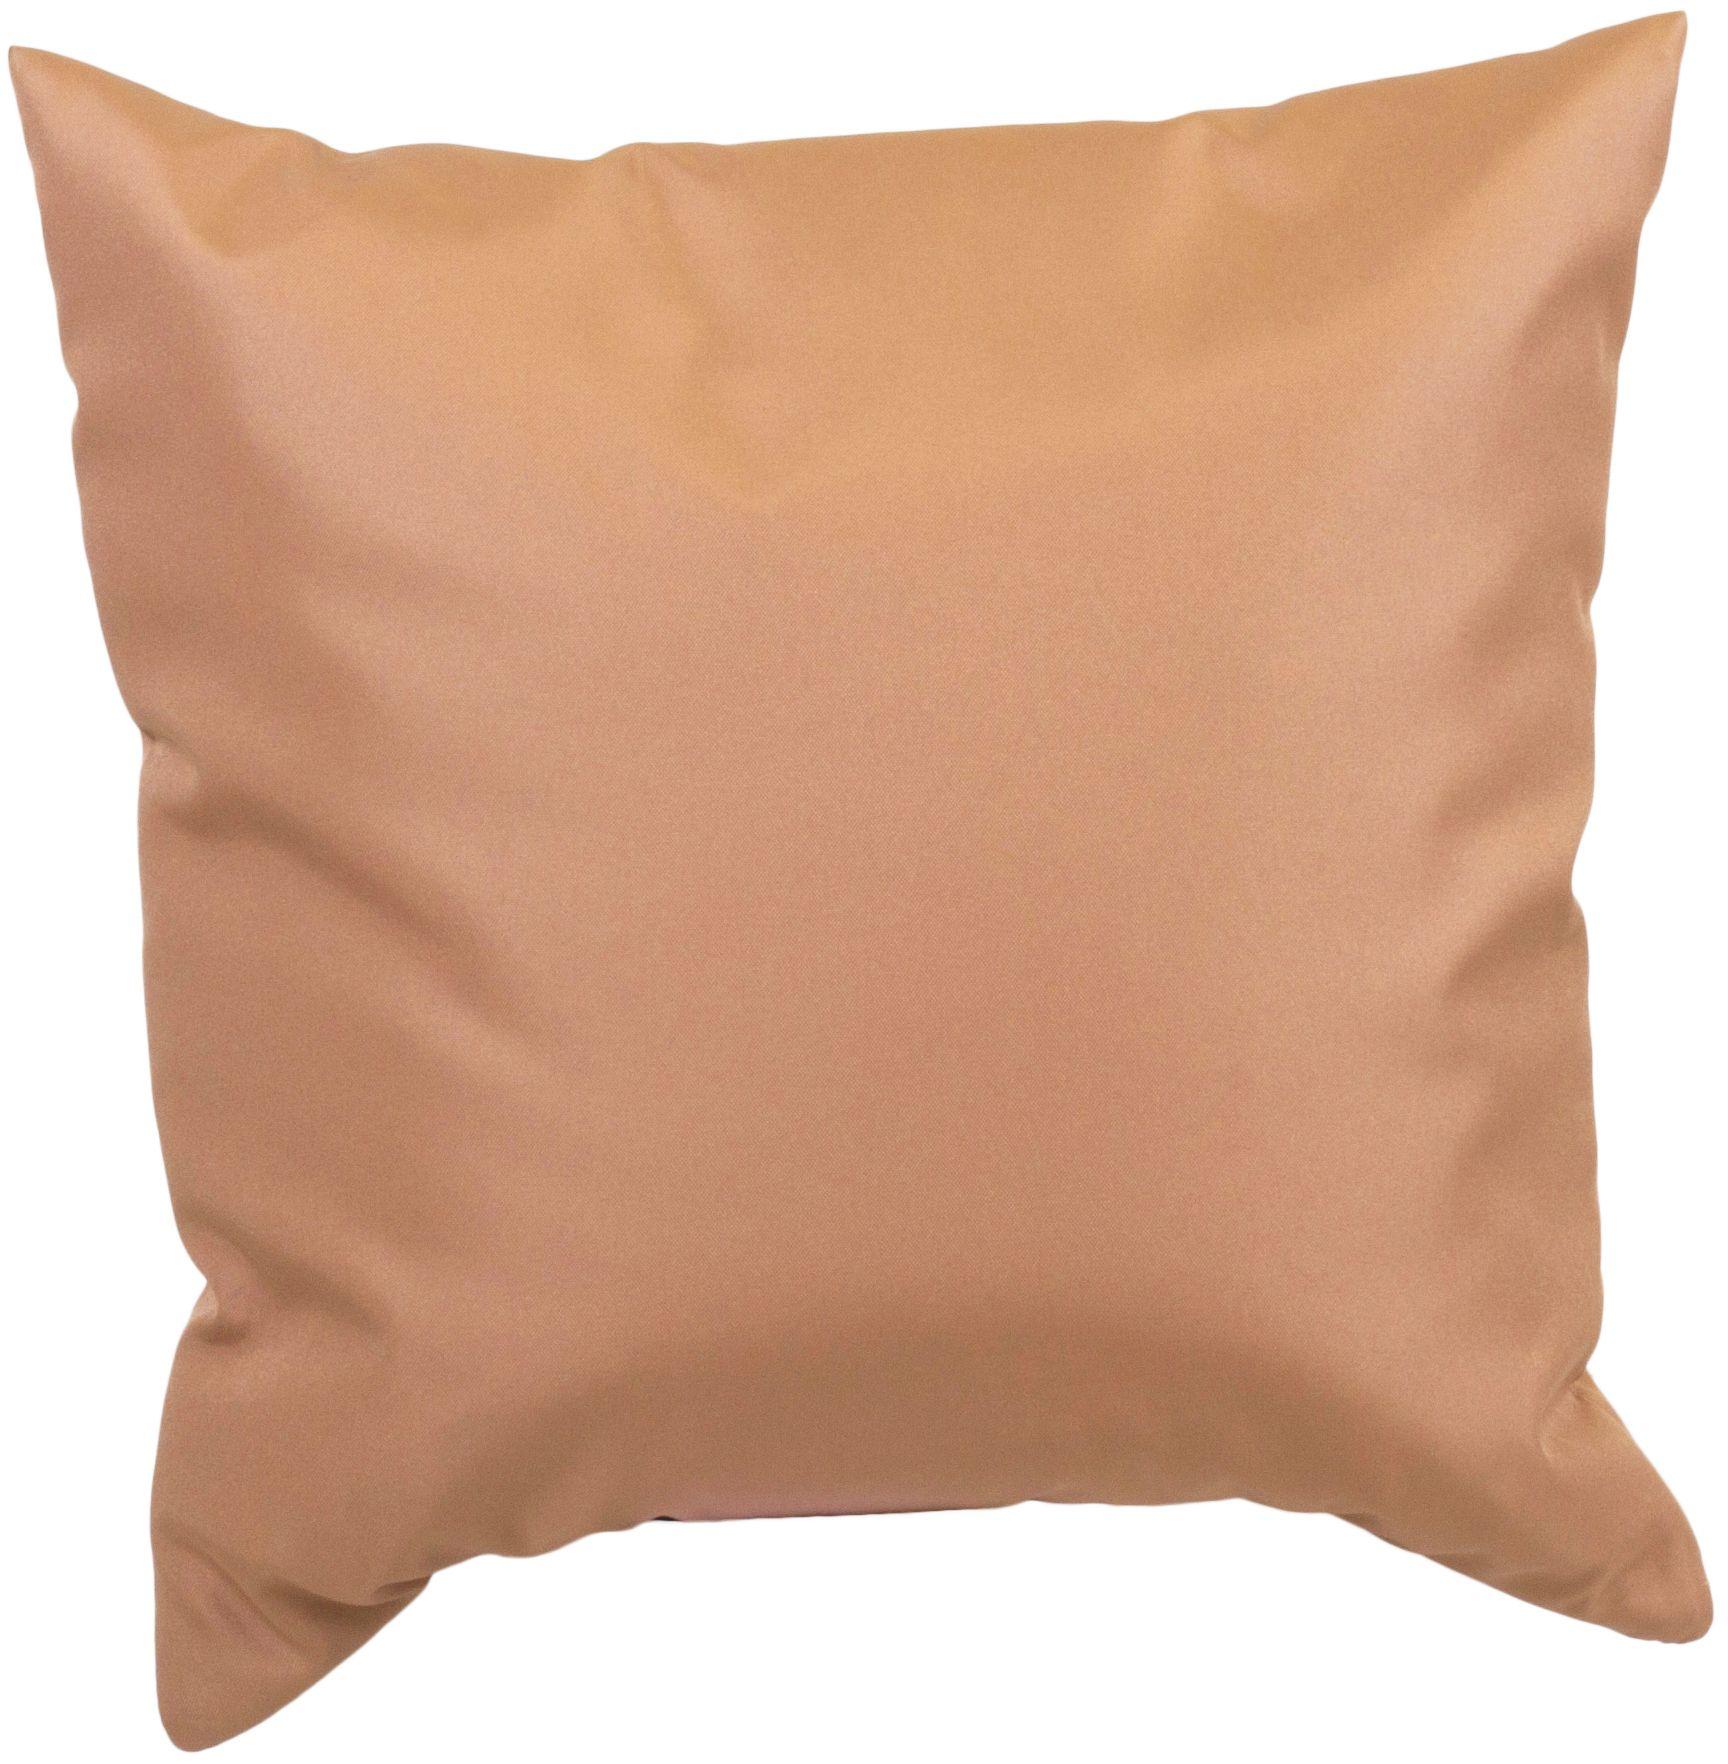 Dekokissen ca. 45 x 45 cm für Lounge Gruppen in sand wasserabweisend aus 100% Polyester